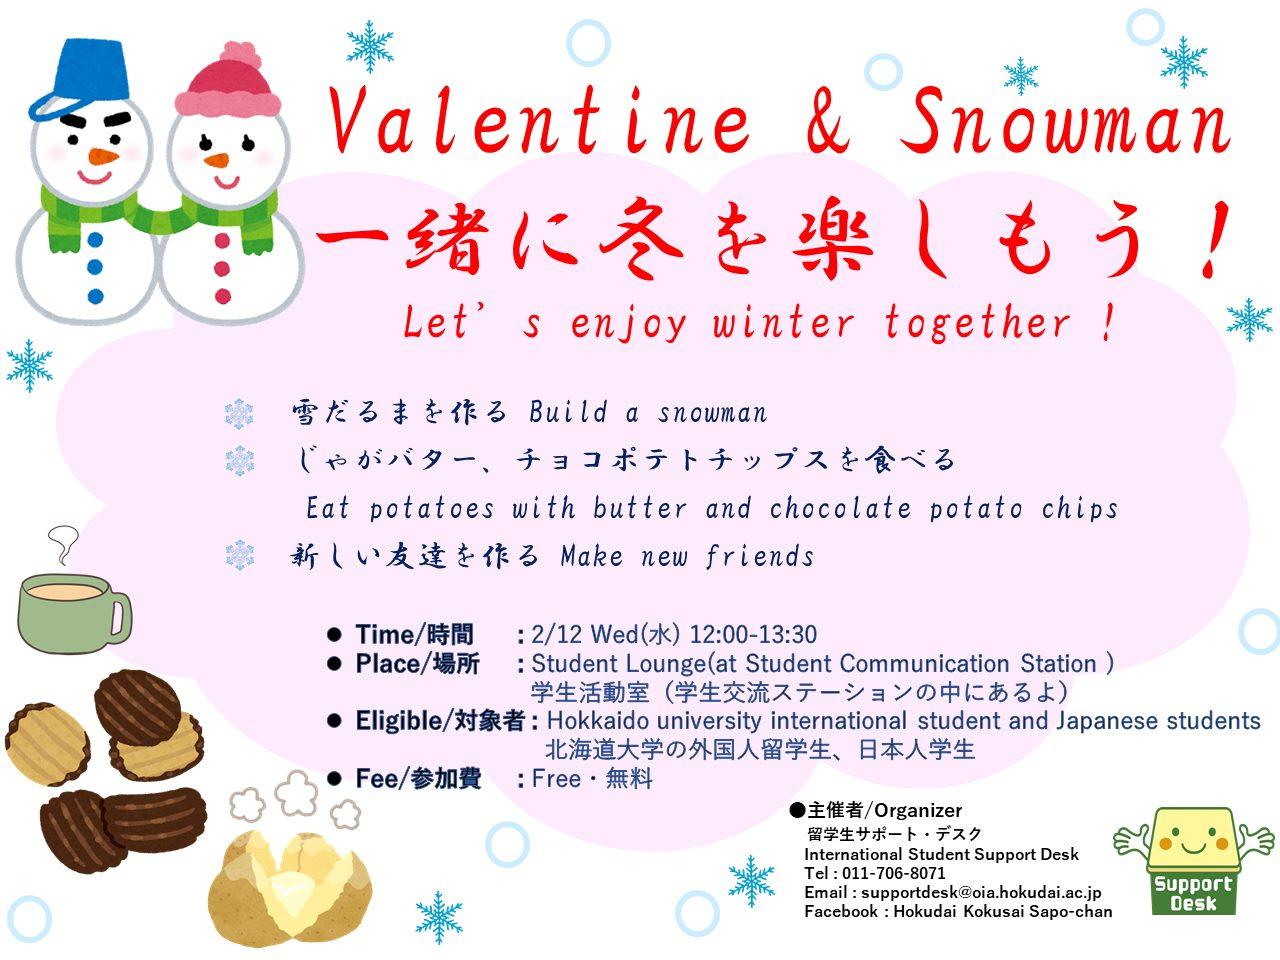 サポートデスク2月茶話会 Support Desk event